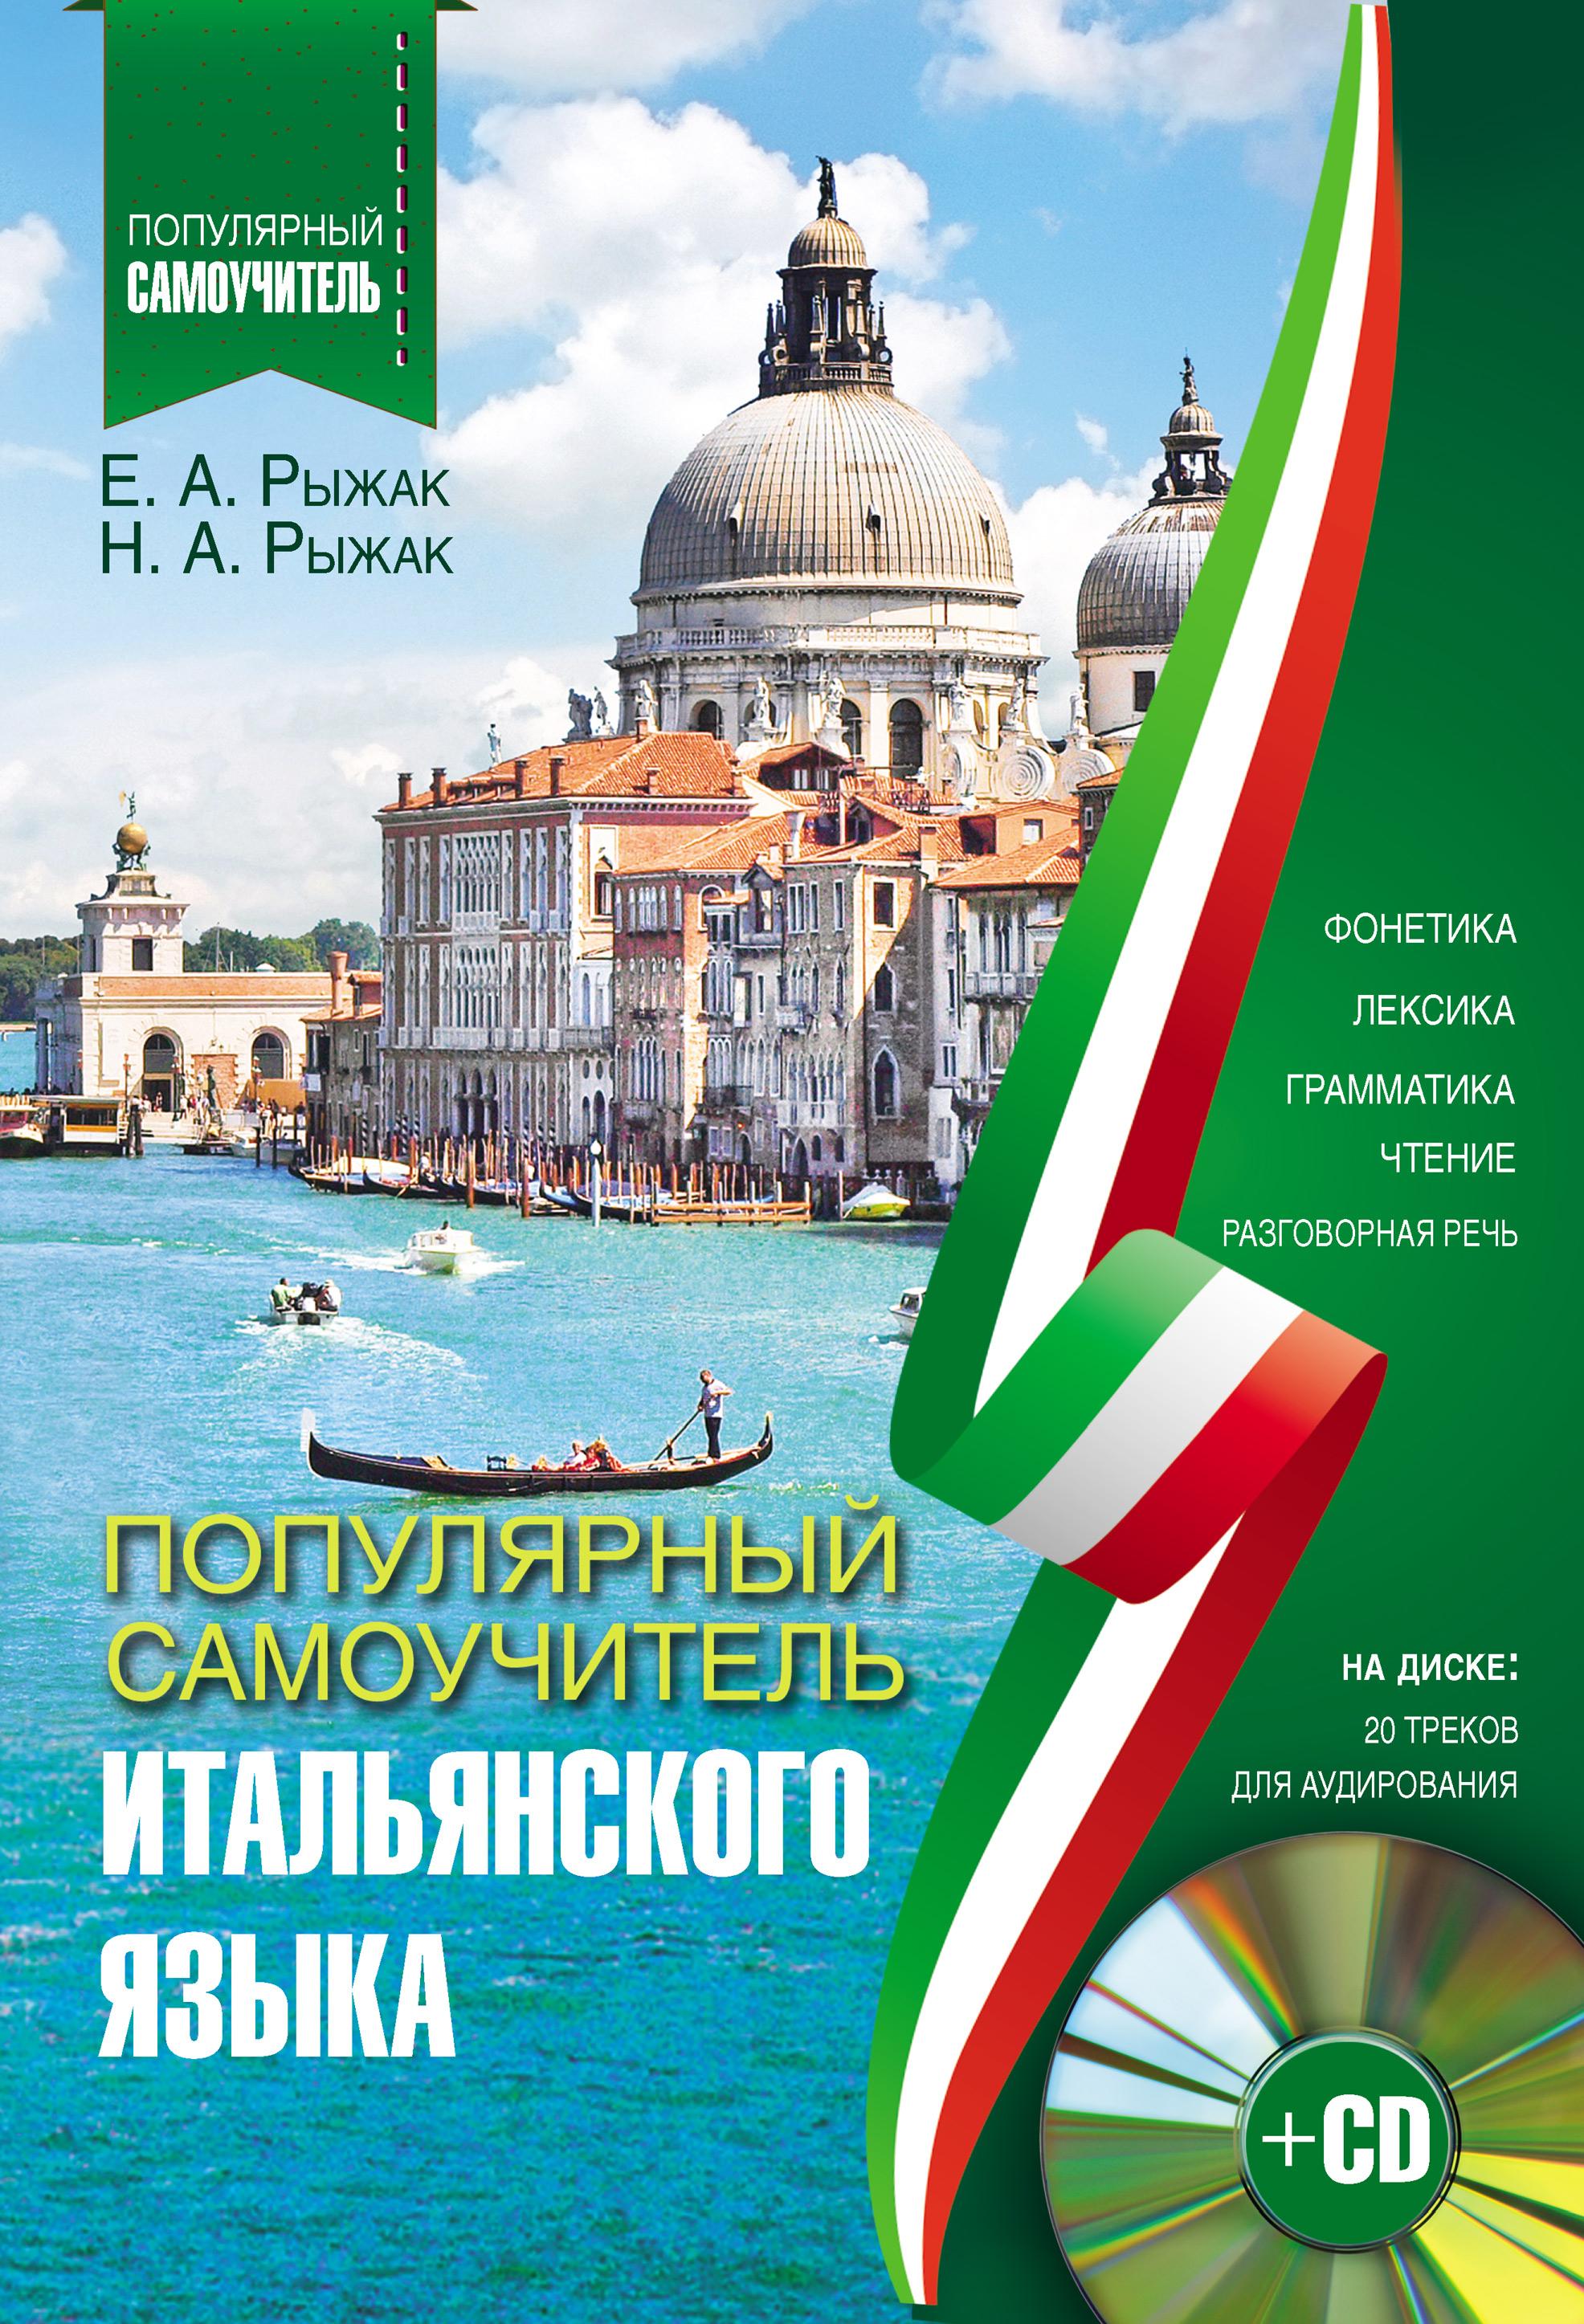 Е. А. Рыжак Популярный самоучитель итальянского языка е а рыжак популярный самоучитель итальянского языка